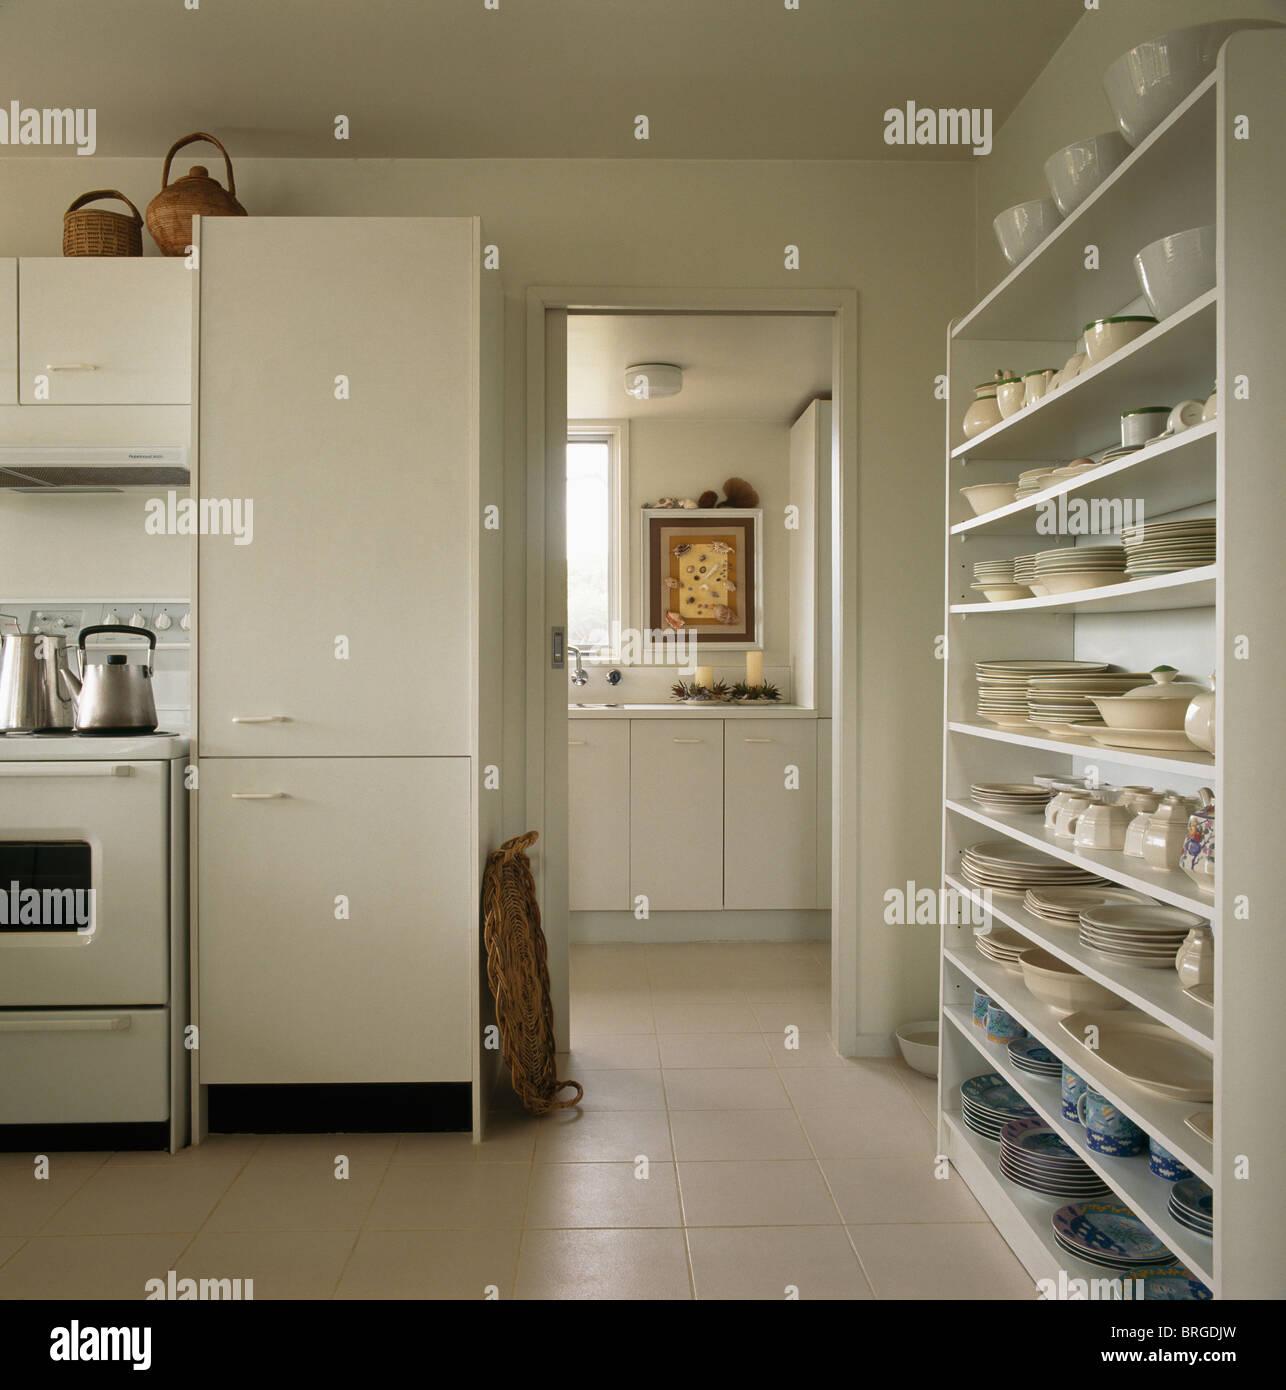 Regale über eine Mauer in modernen weißen Küche mit schmalen ...